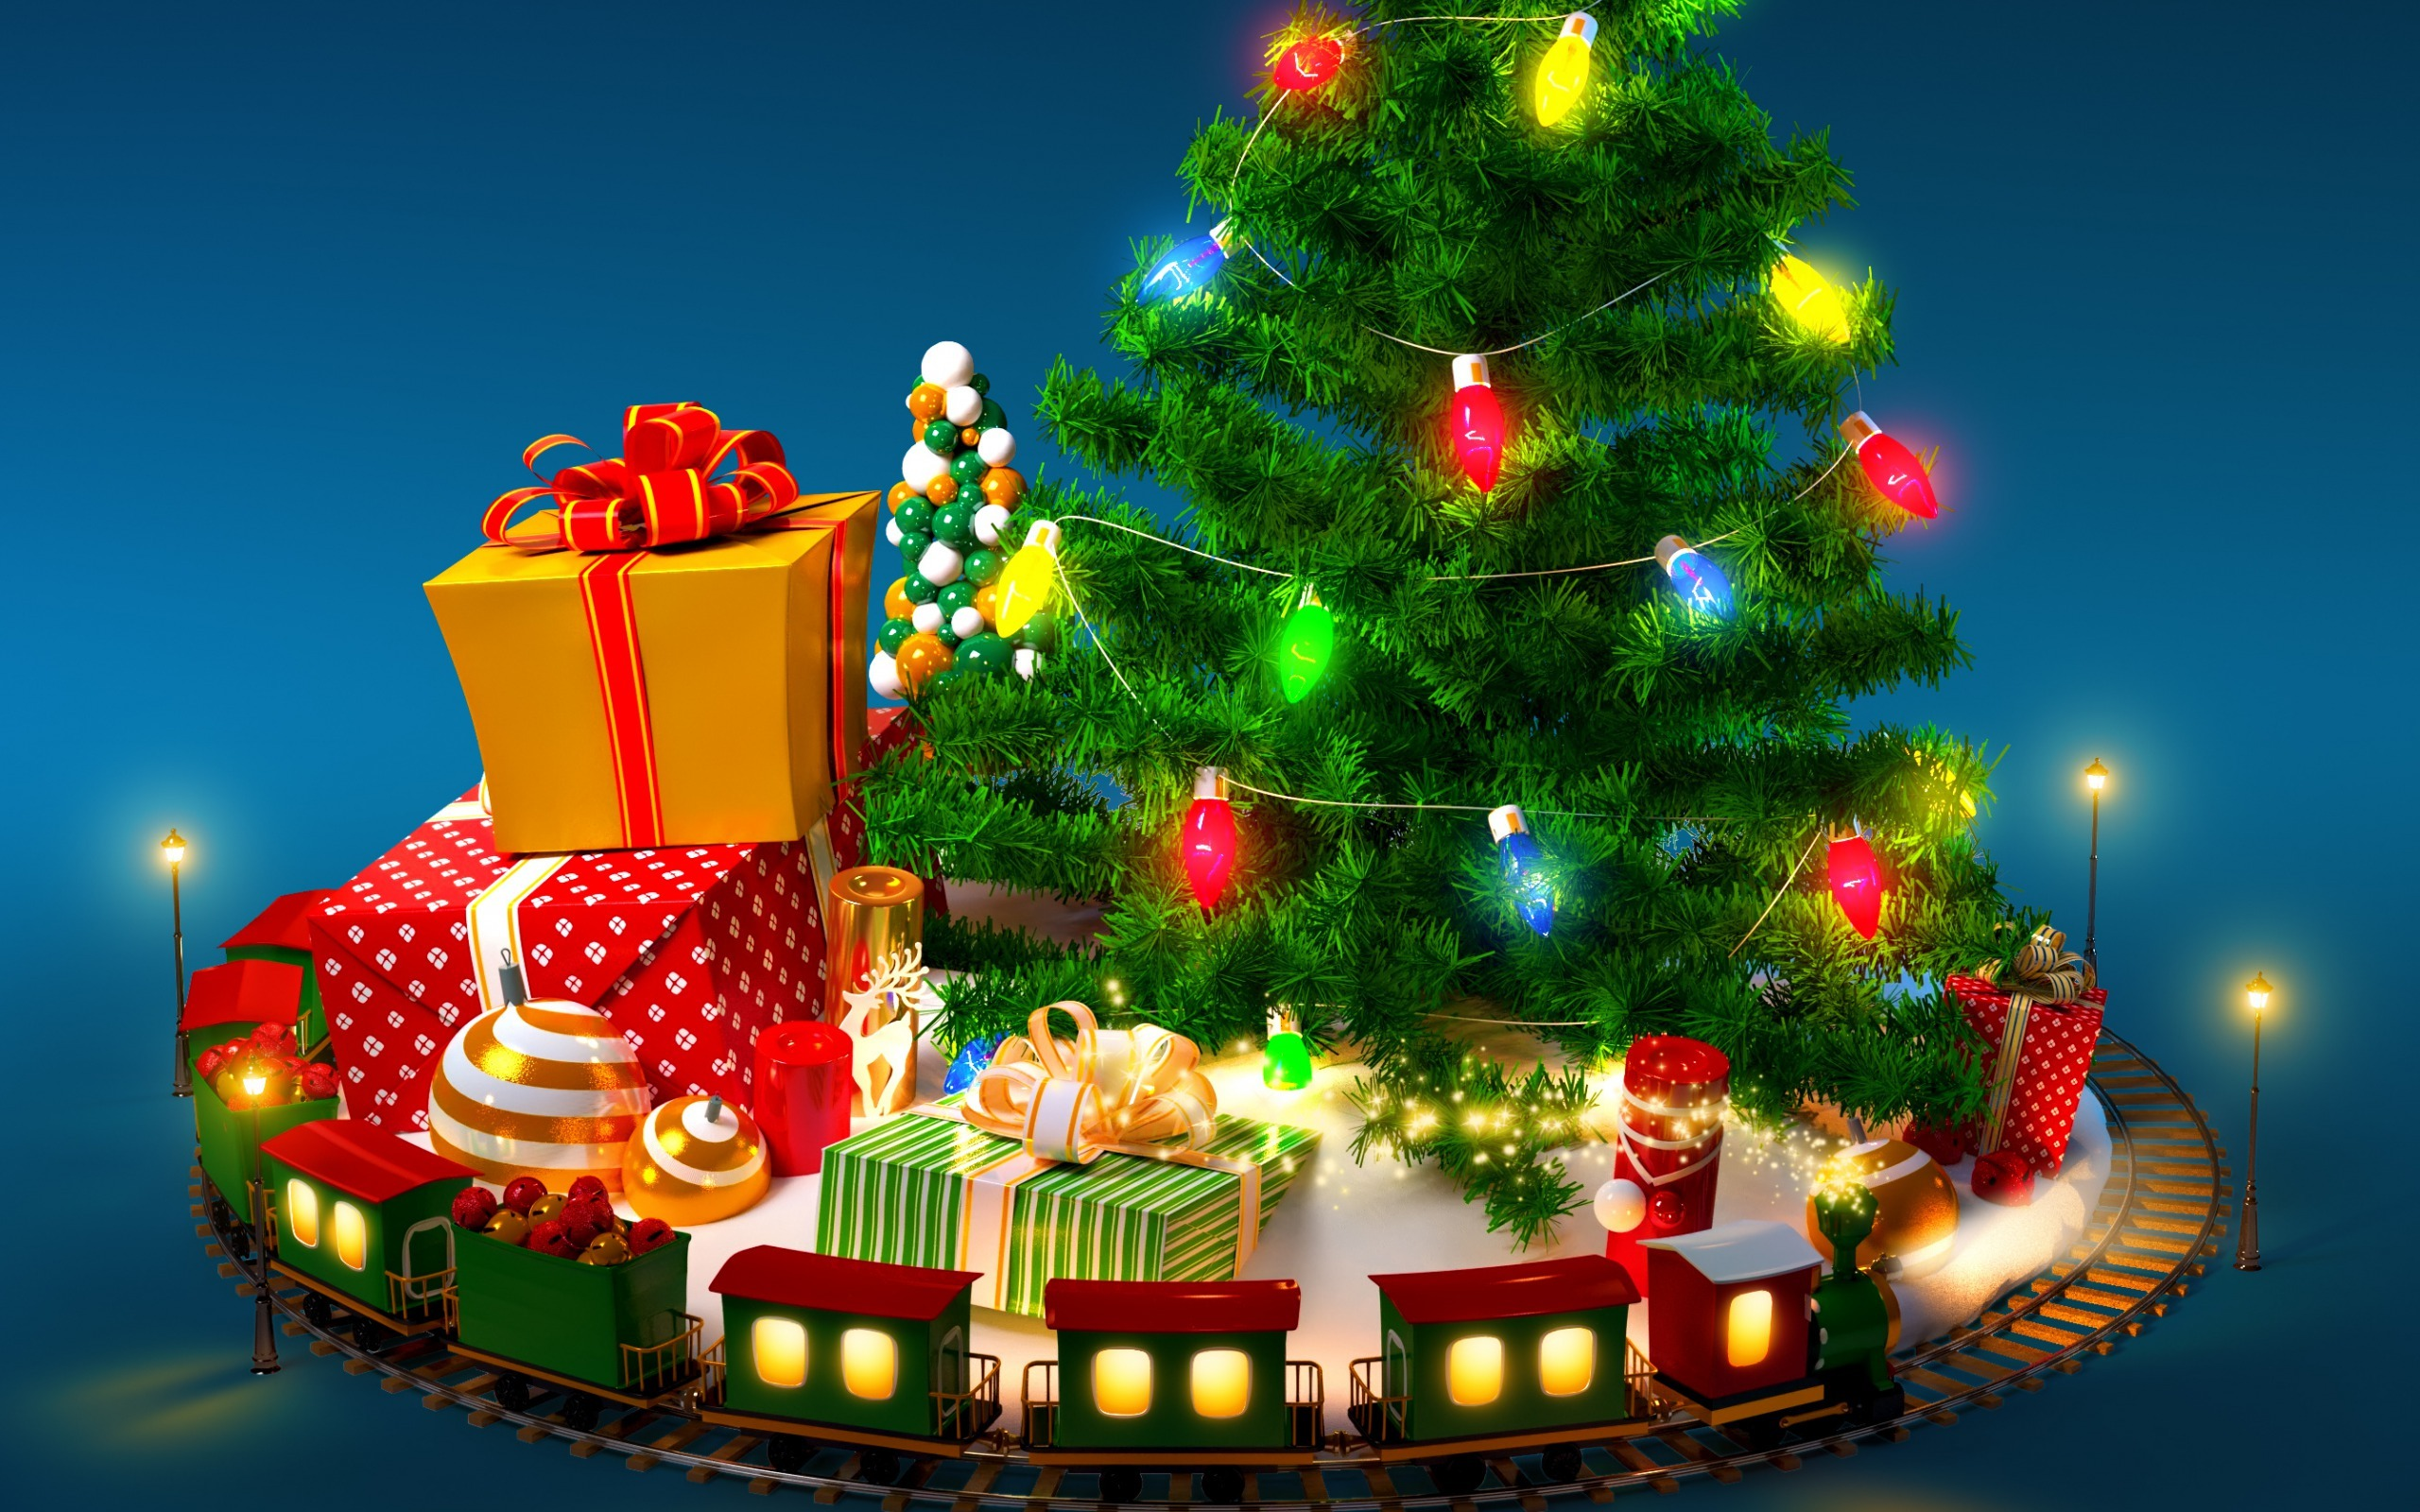 С новым годом картинки елка подарки